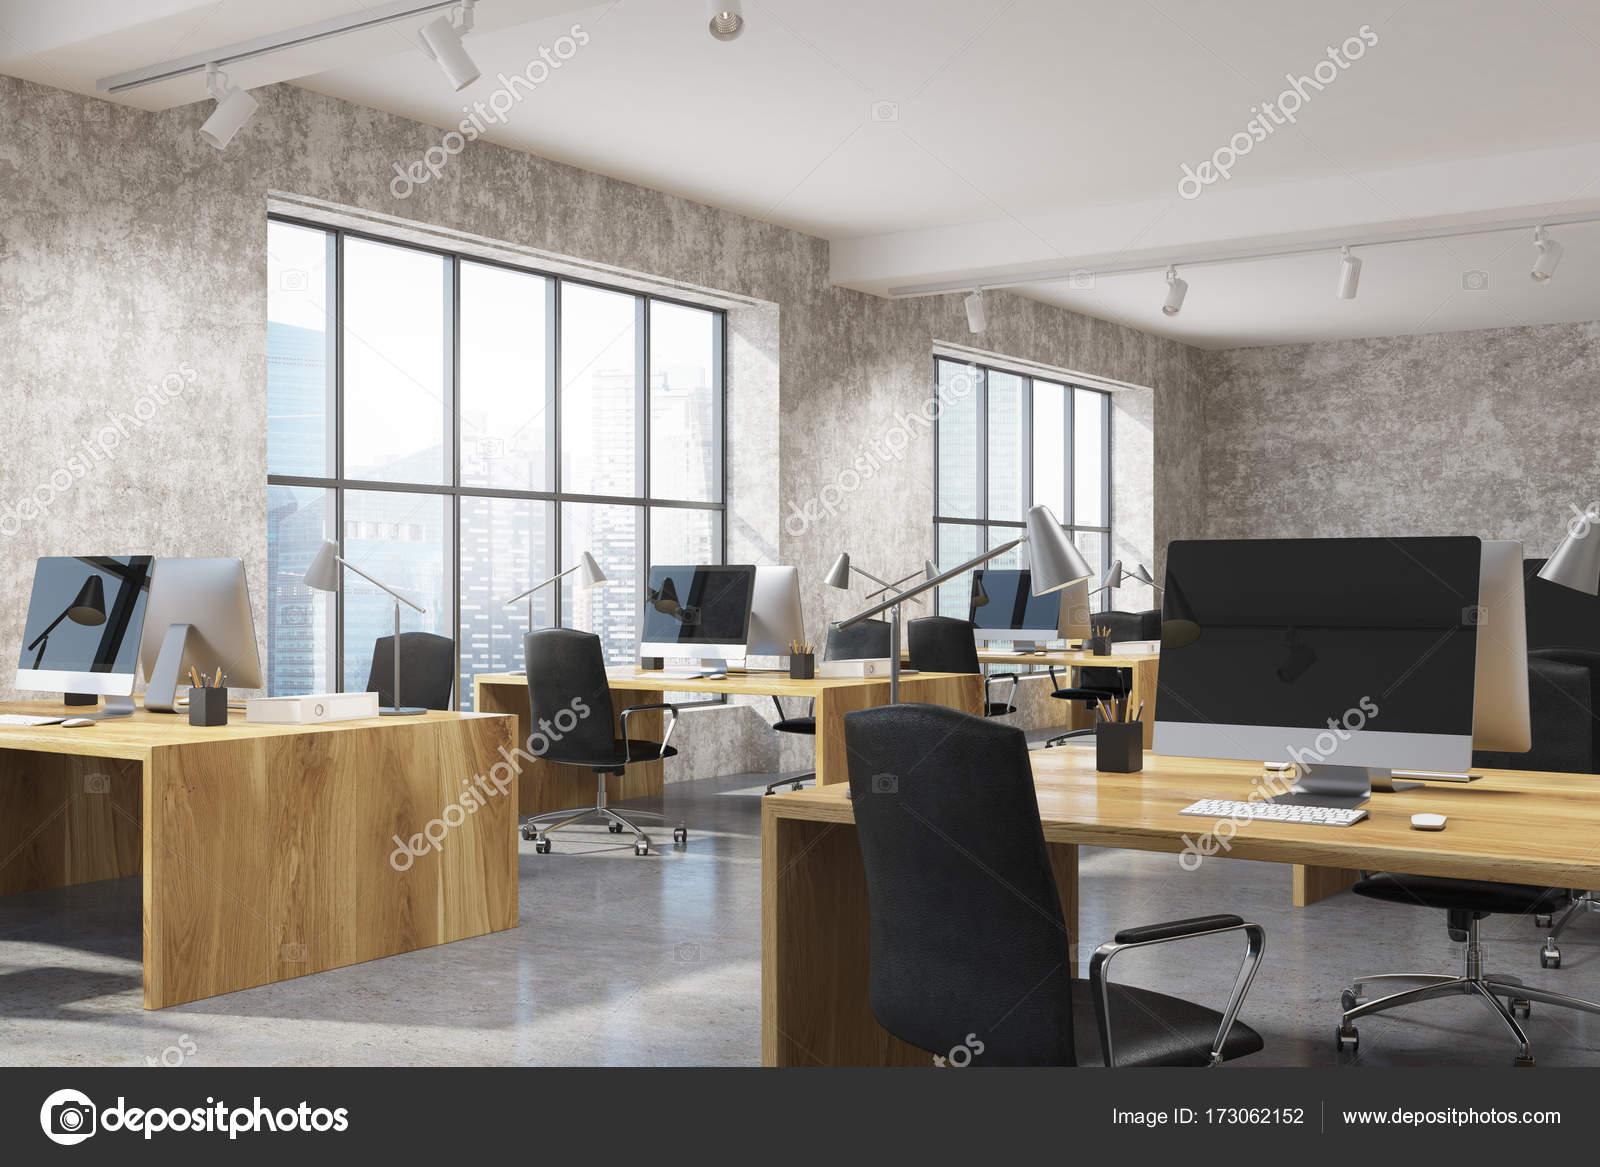 Bois intérieurs de bureau béton espace ouvert u photographie